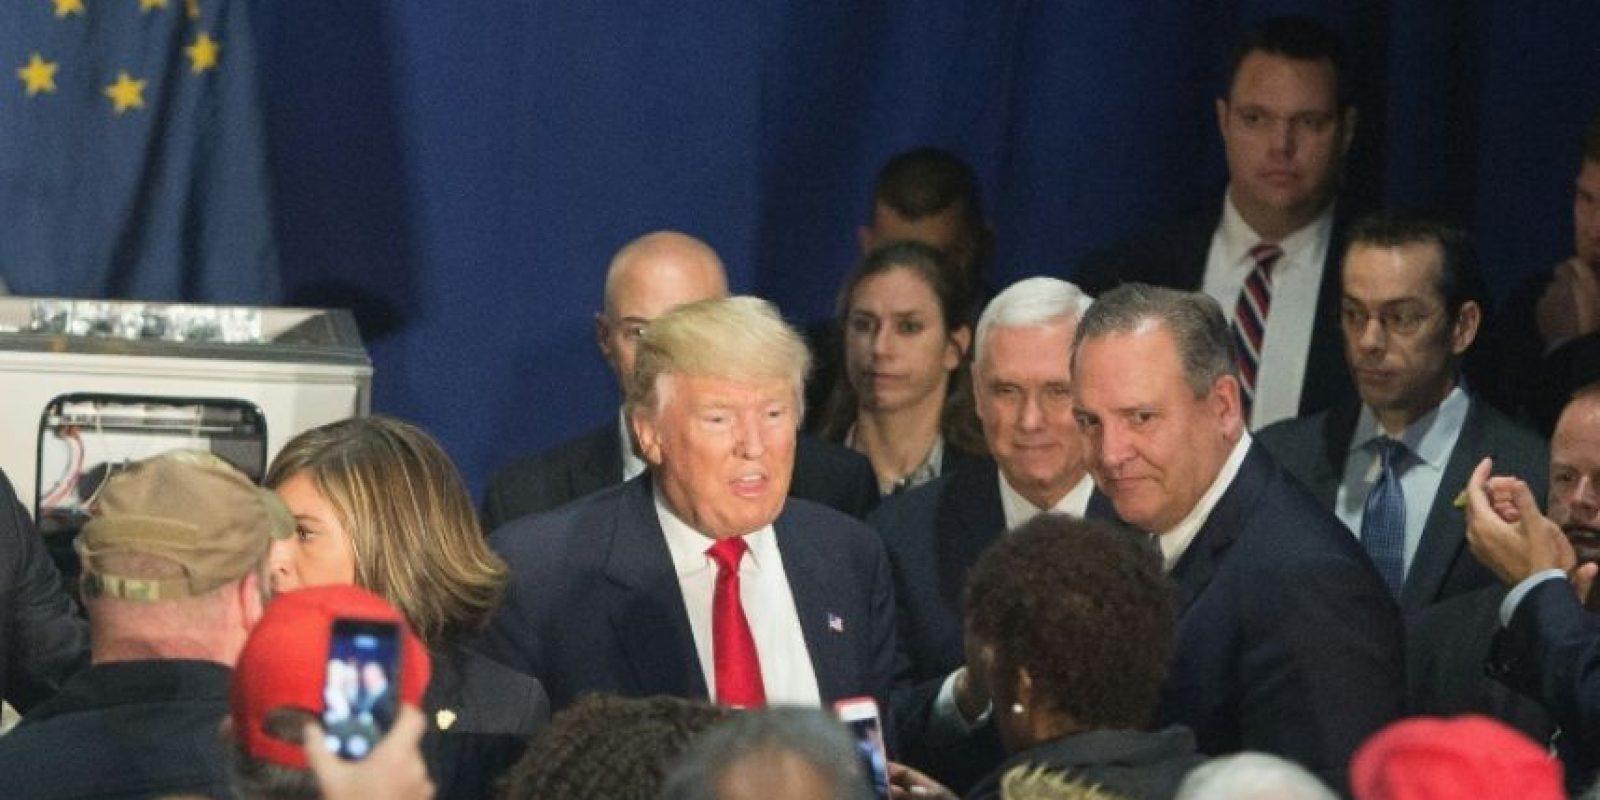 El presidente electo de Estados Unidos Donald Trump (C) en una visita a la fábrica Carrier el 1 de diciembre de 2016 en Indianapolis Foto:Tasos Katopodis/afp.com